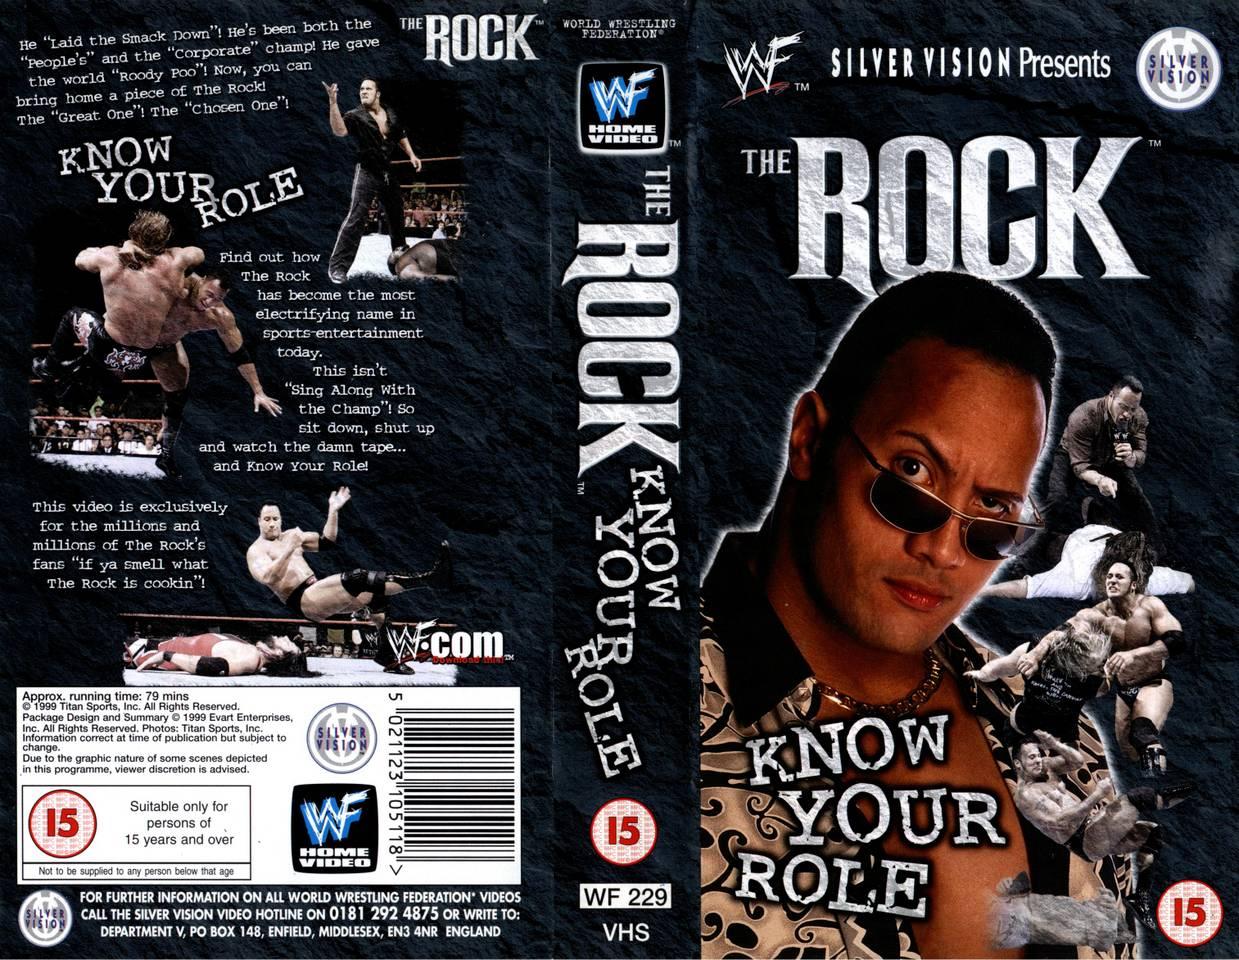 rockknowyourrole4an